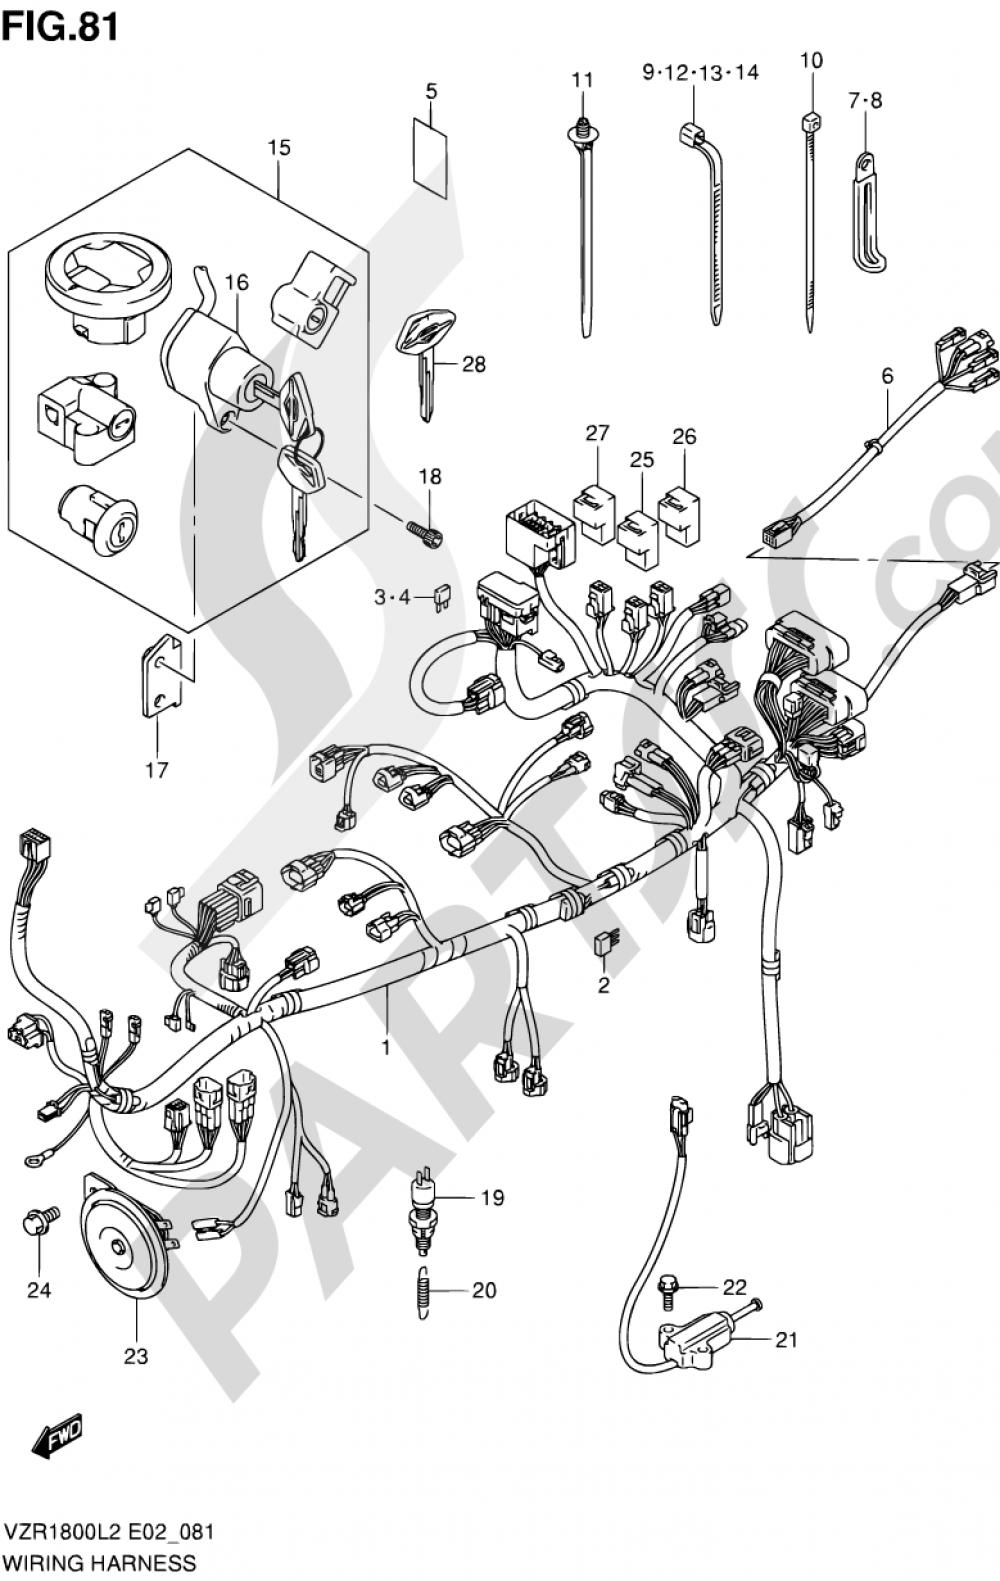 81 - WIRING HARNESS (VZR1800L2 E19) Suzuki VZR1800Z 2002